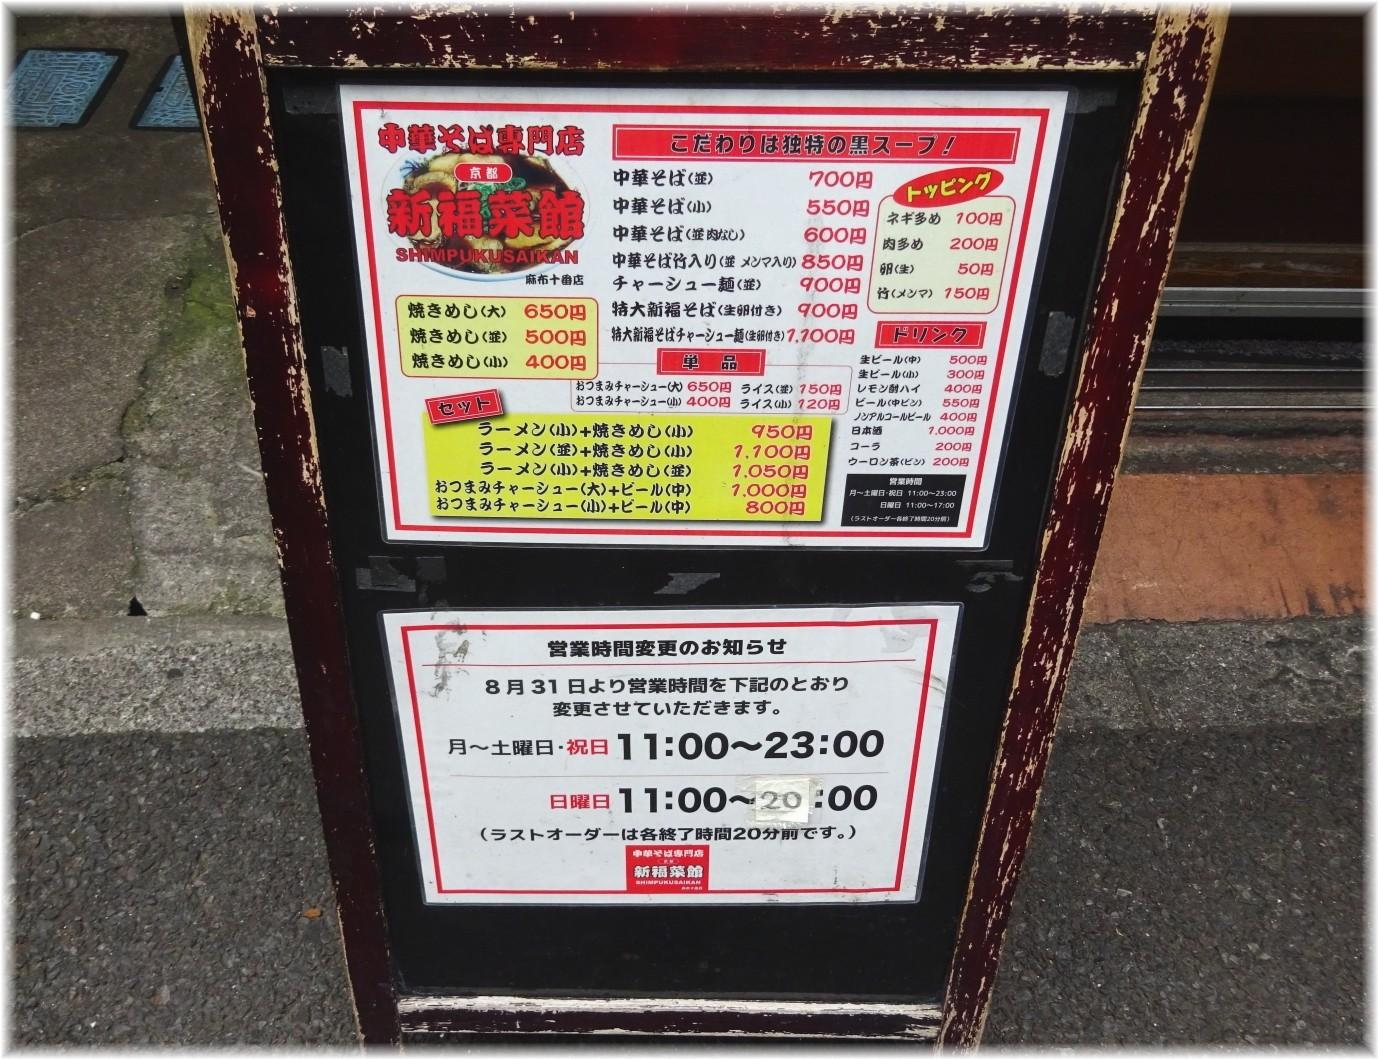 新福菜館麻布十番店2 メニュー